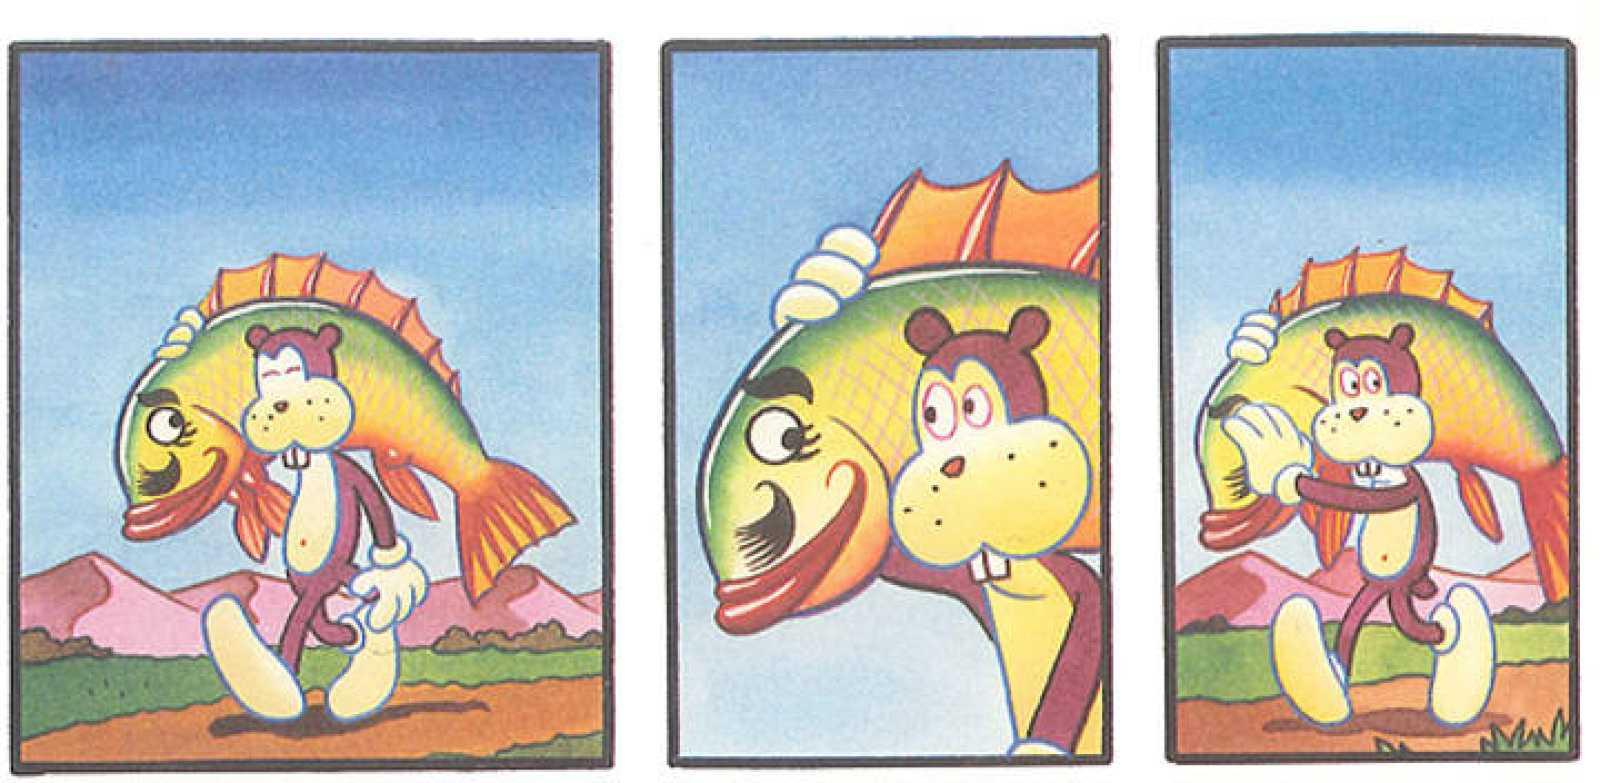 Viñetas de 'Frank', de Jim Woodring